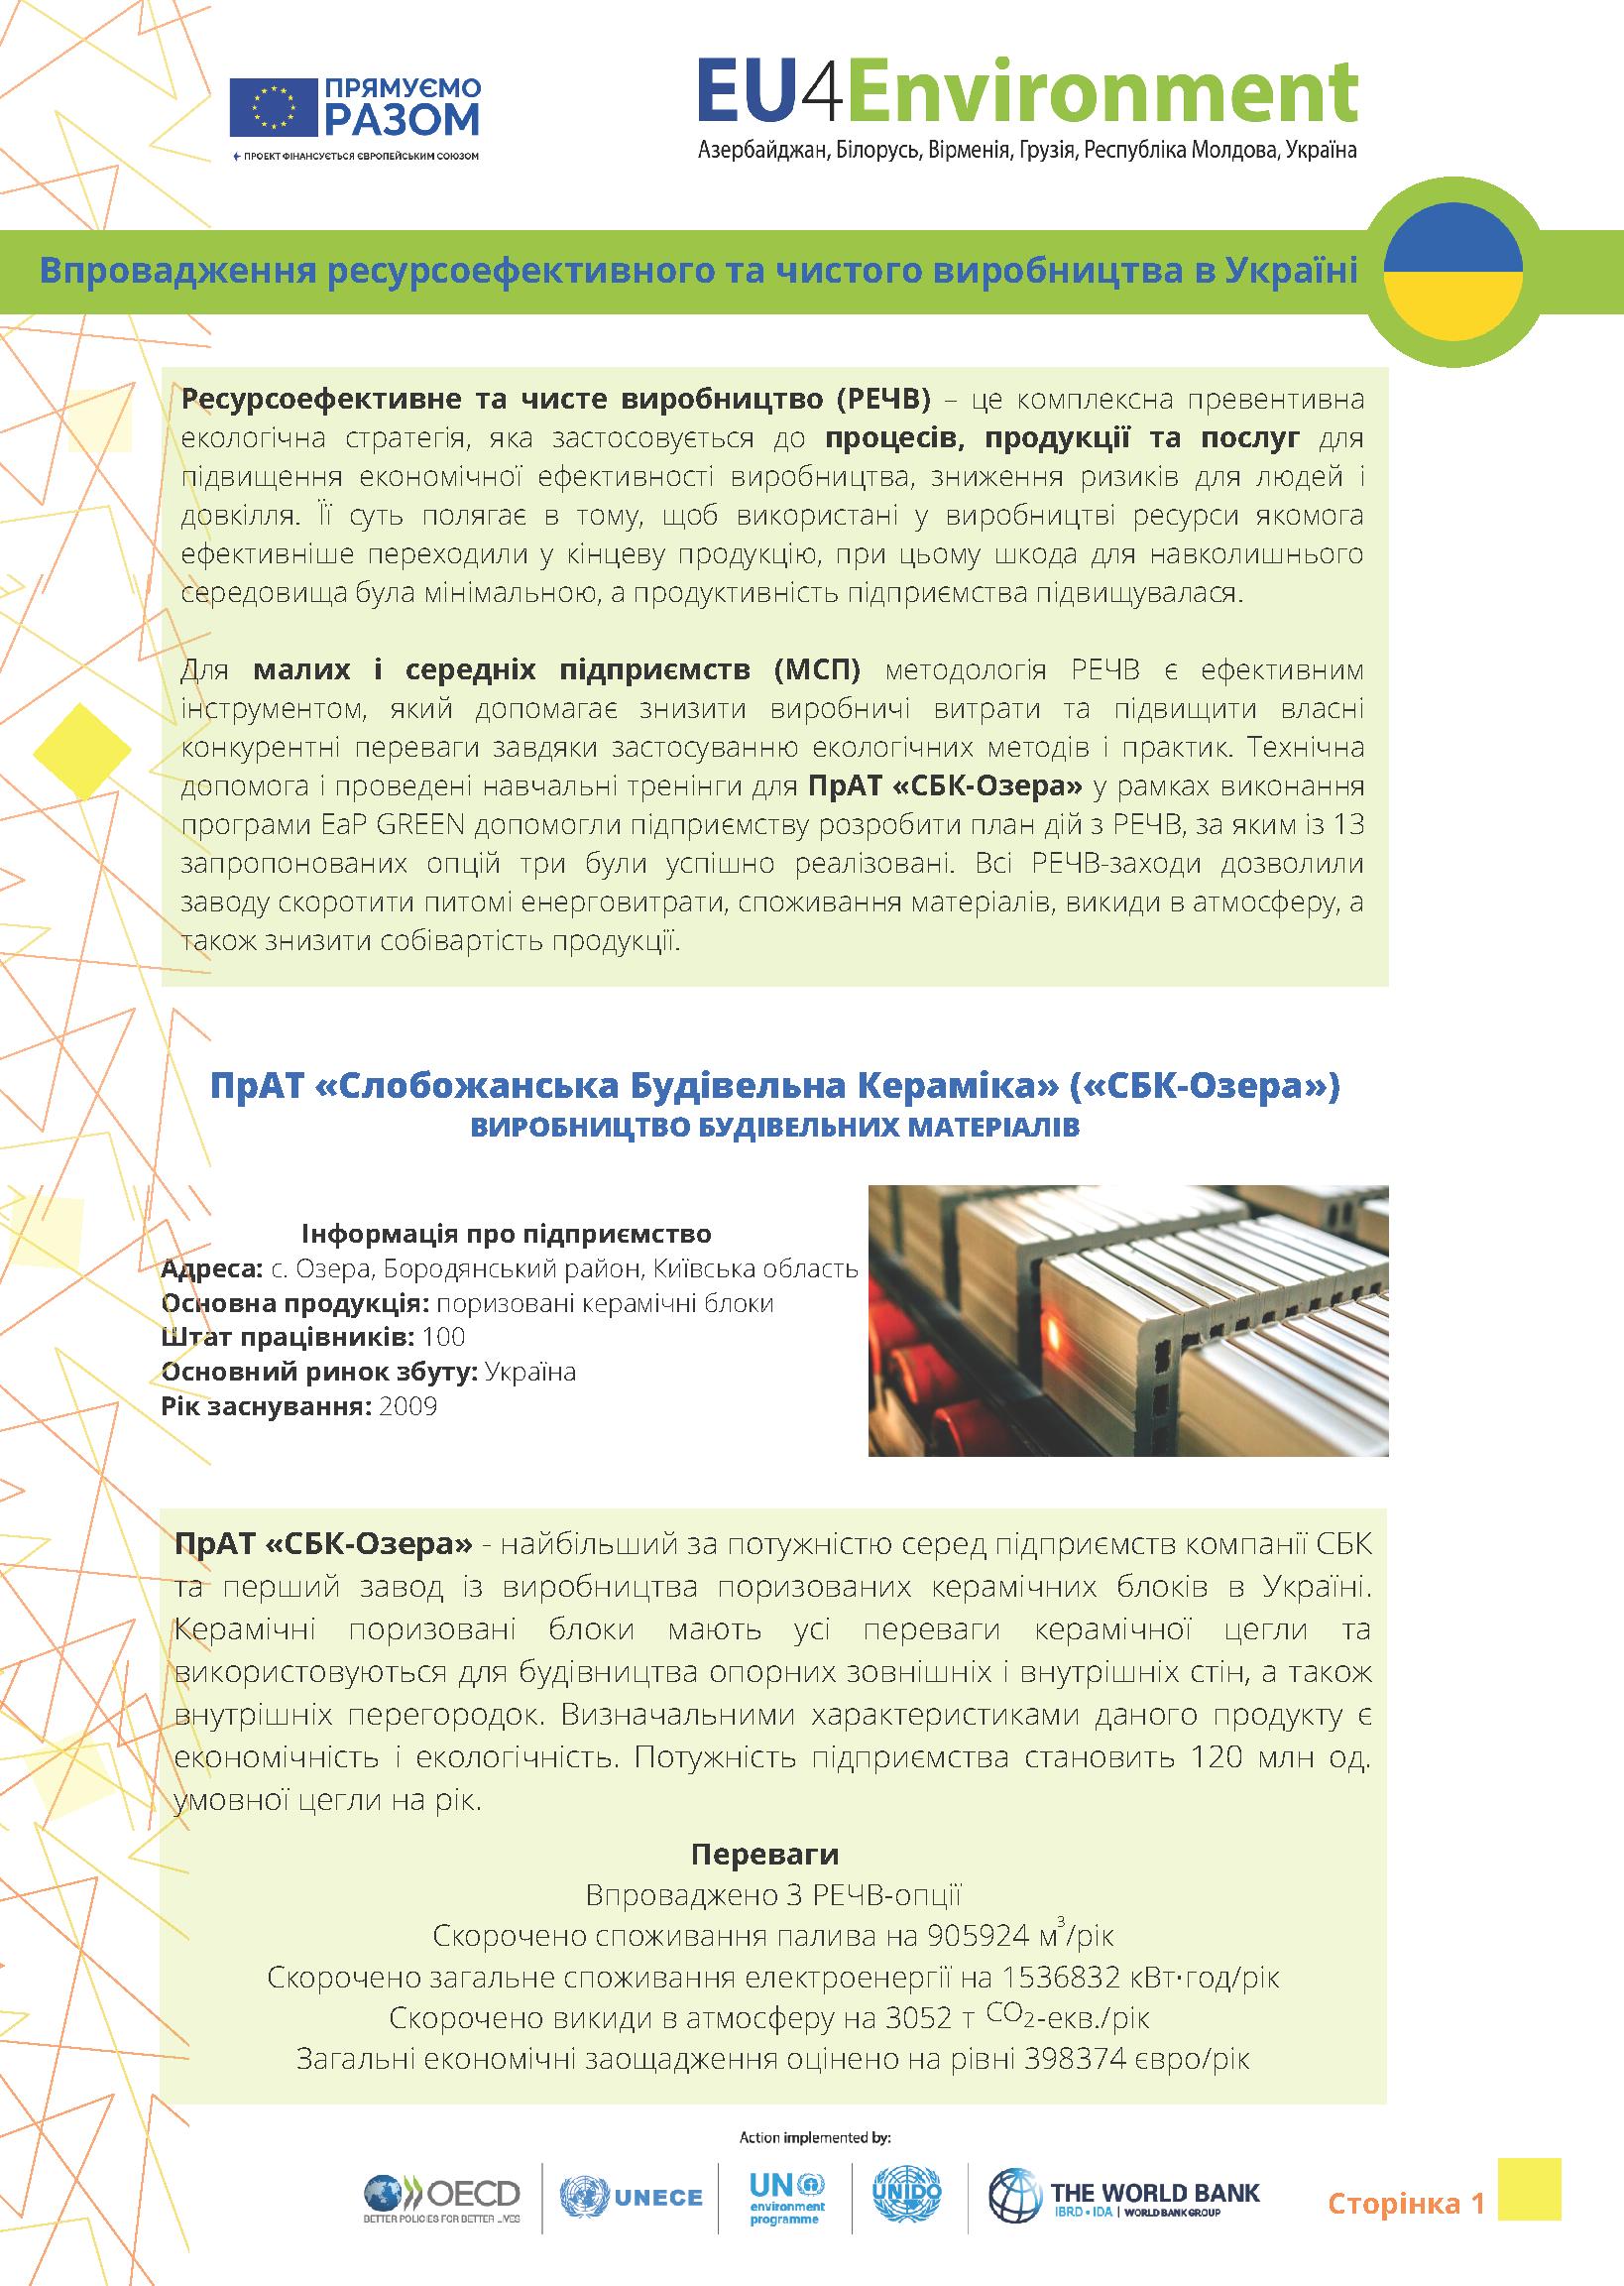 SBK-Ozera-ua